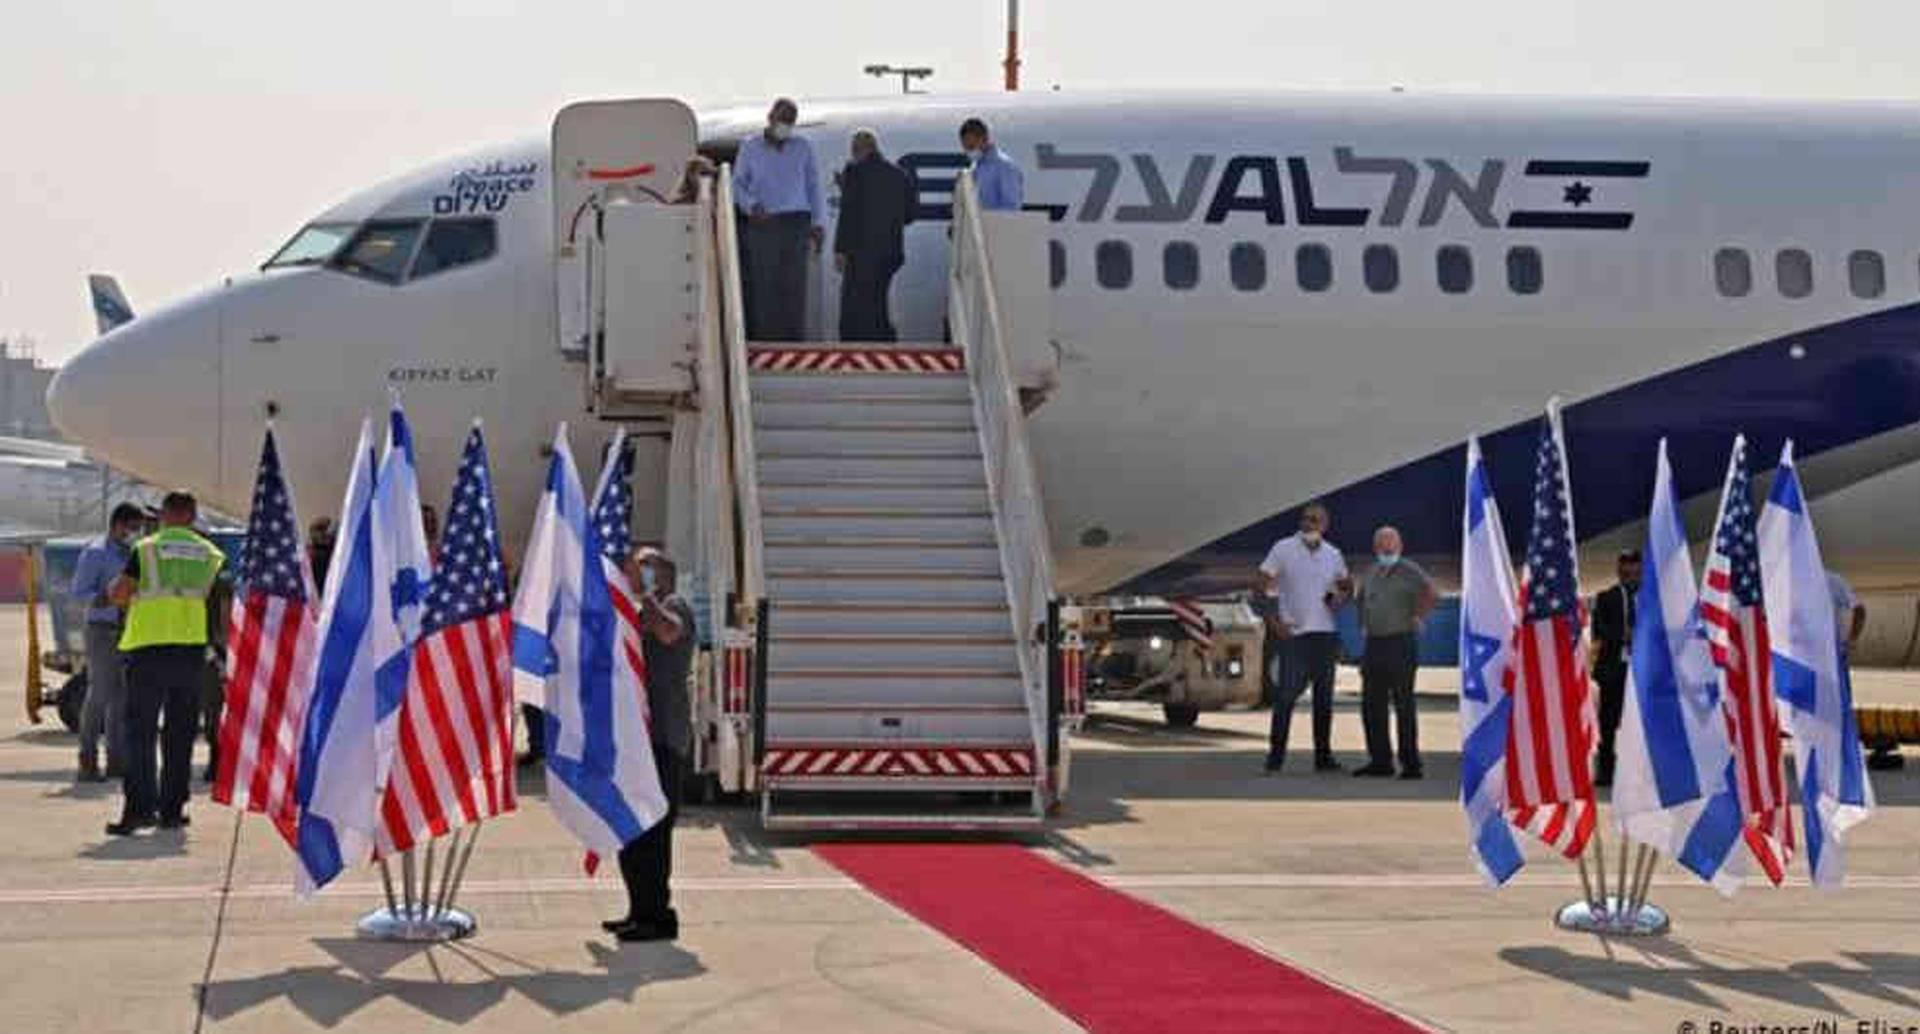 El primer vuelo comercial entre Israel y Emiratos Árabes Unidos (EAU) partió este lunes de Tel Aviv.